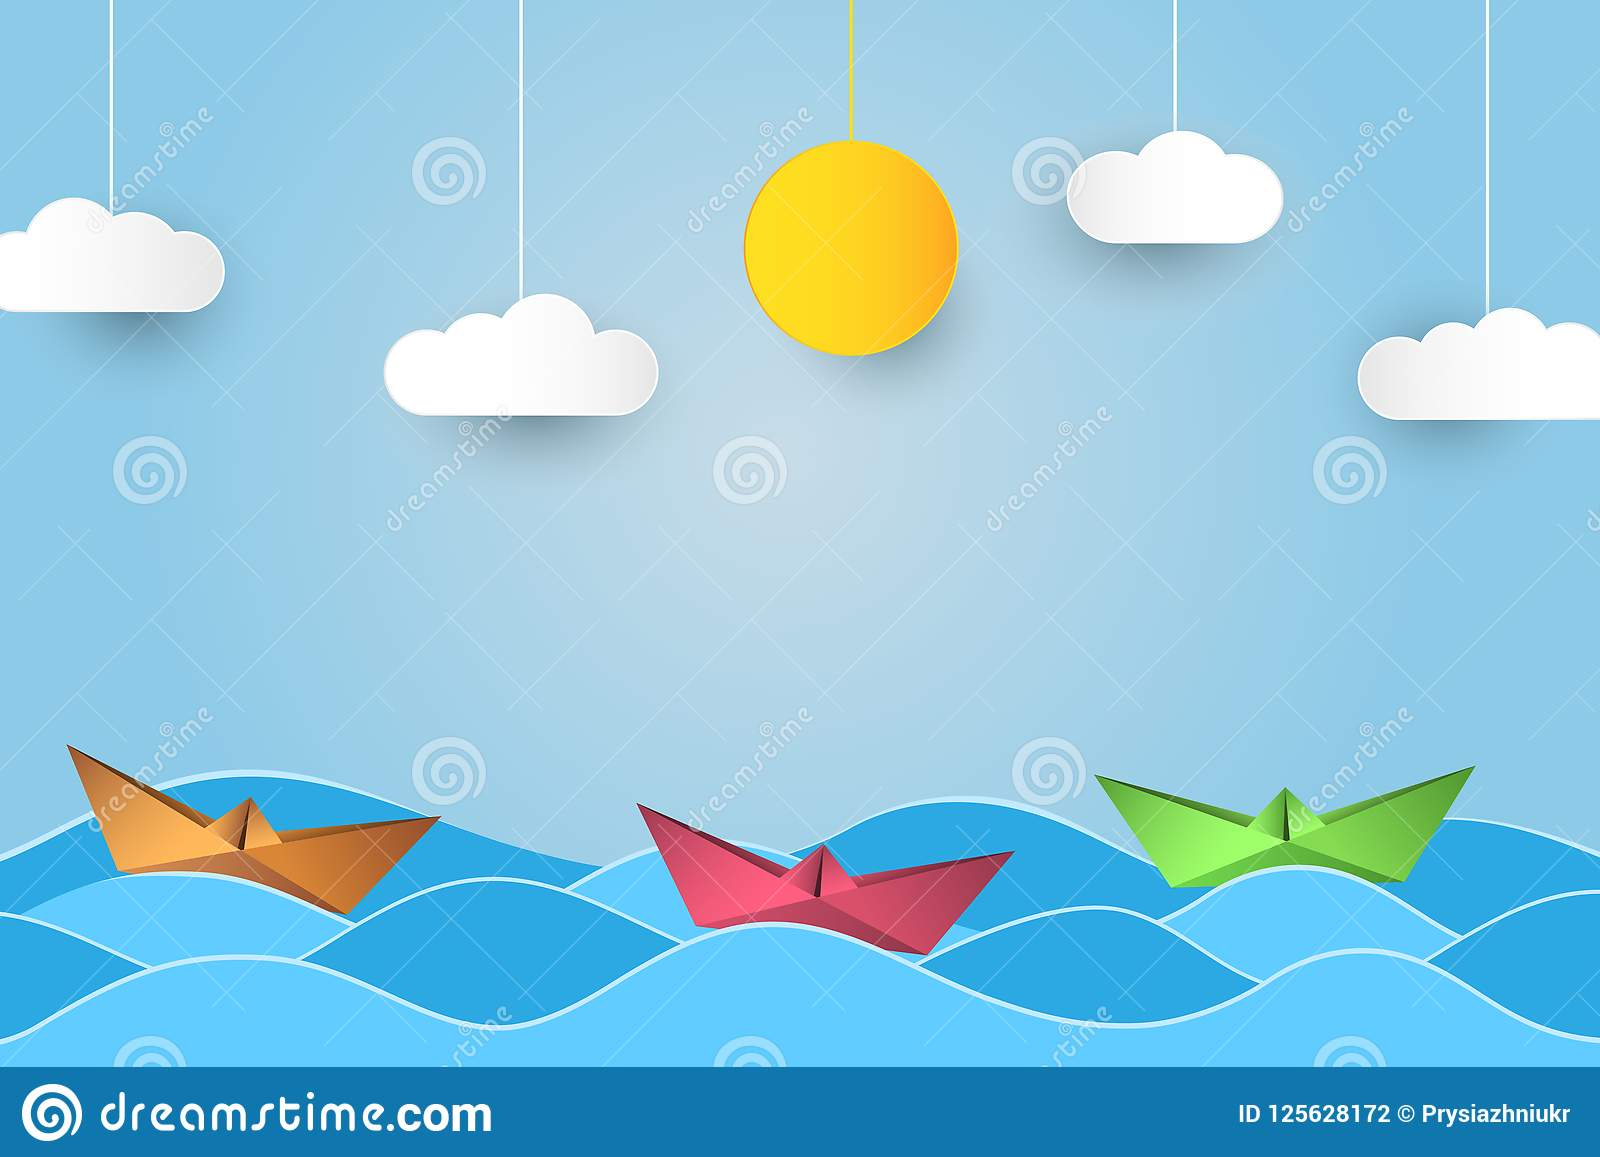 Πλέοντας βάρκα Origami στα κύματα Υπόβαθρο ύφους τέχνης εγγράφου με το σκάφος, τον ωκεανό, τον ήλιο και τα σύννεφα διάνυσμα